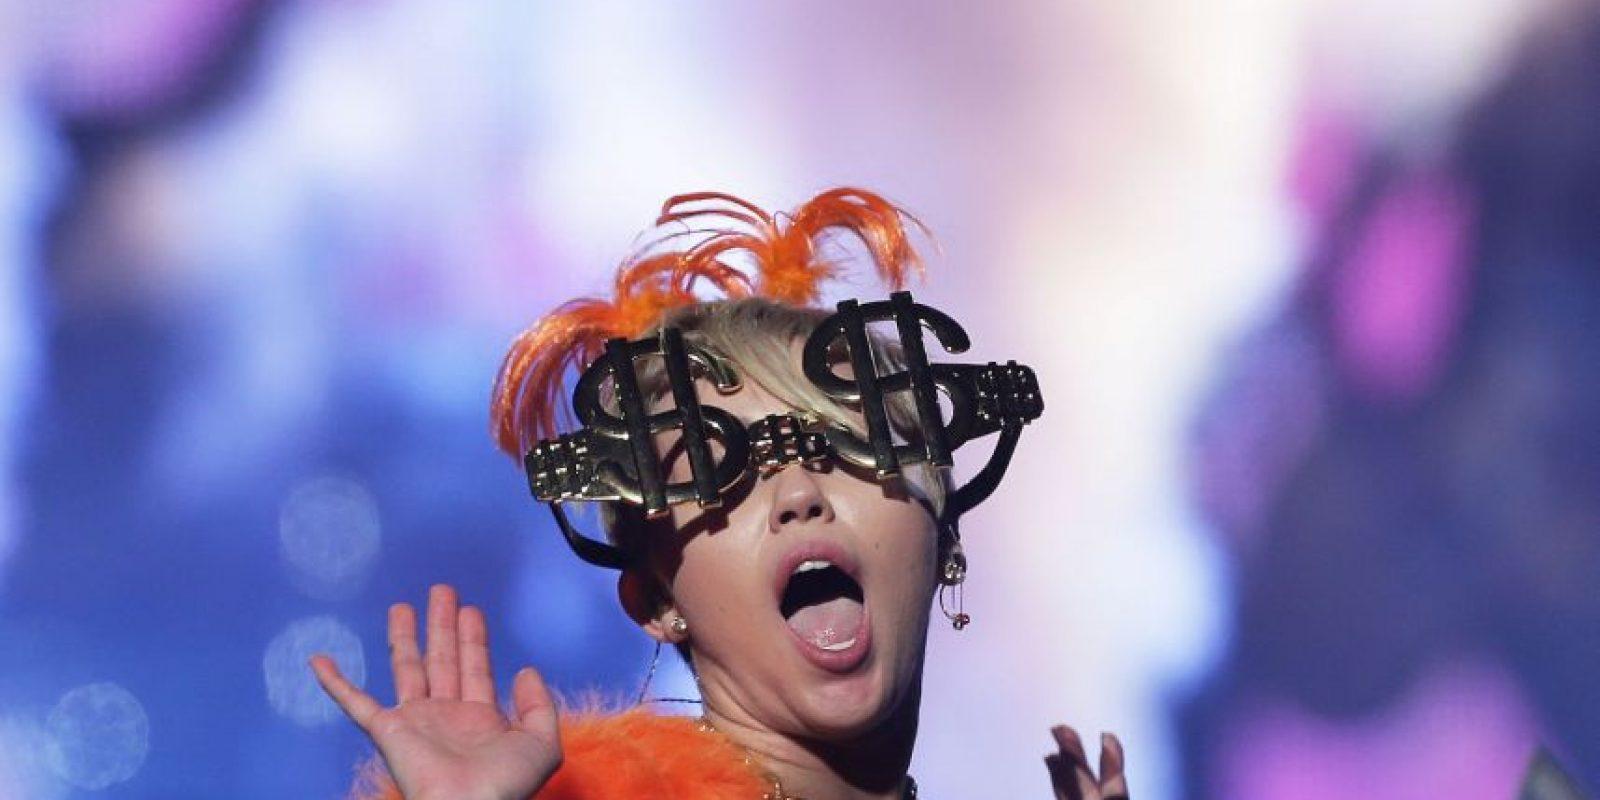 """Su primer álbum de estudio bajo su propio nombre, titulado """"Meet Miley Cyrus"""" Foto:Getty Images"""